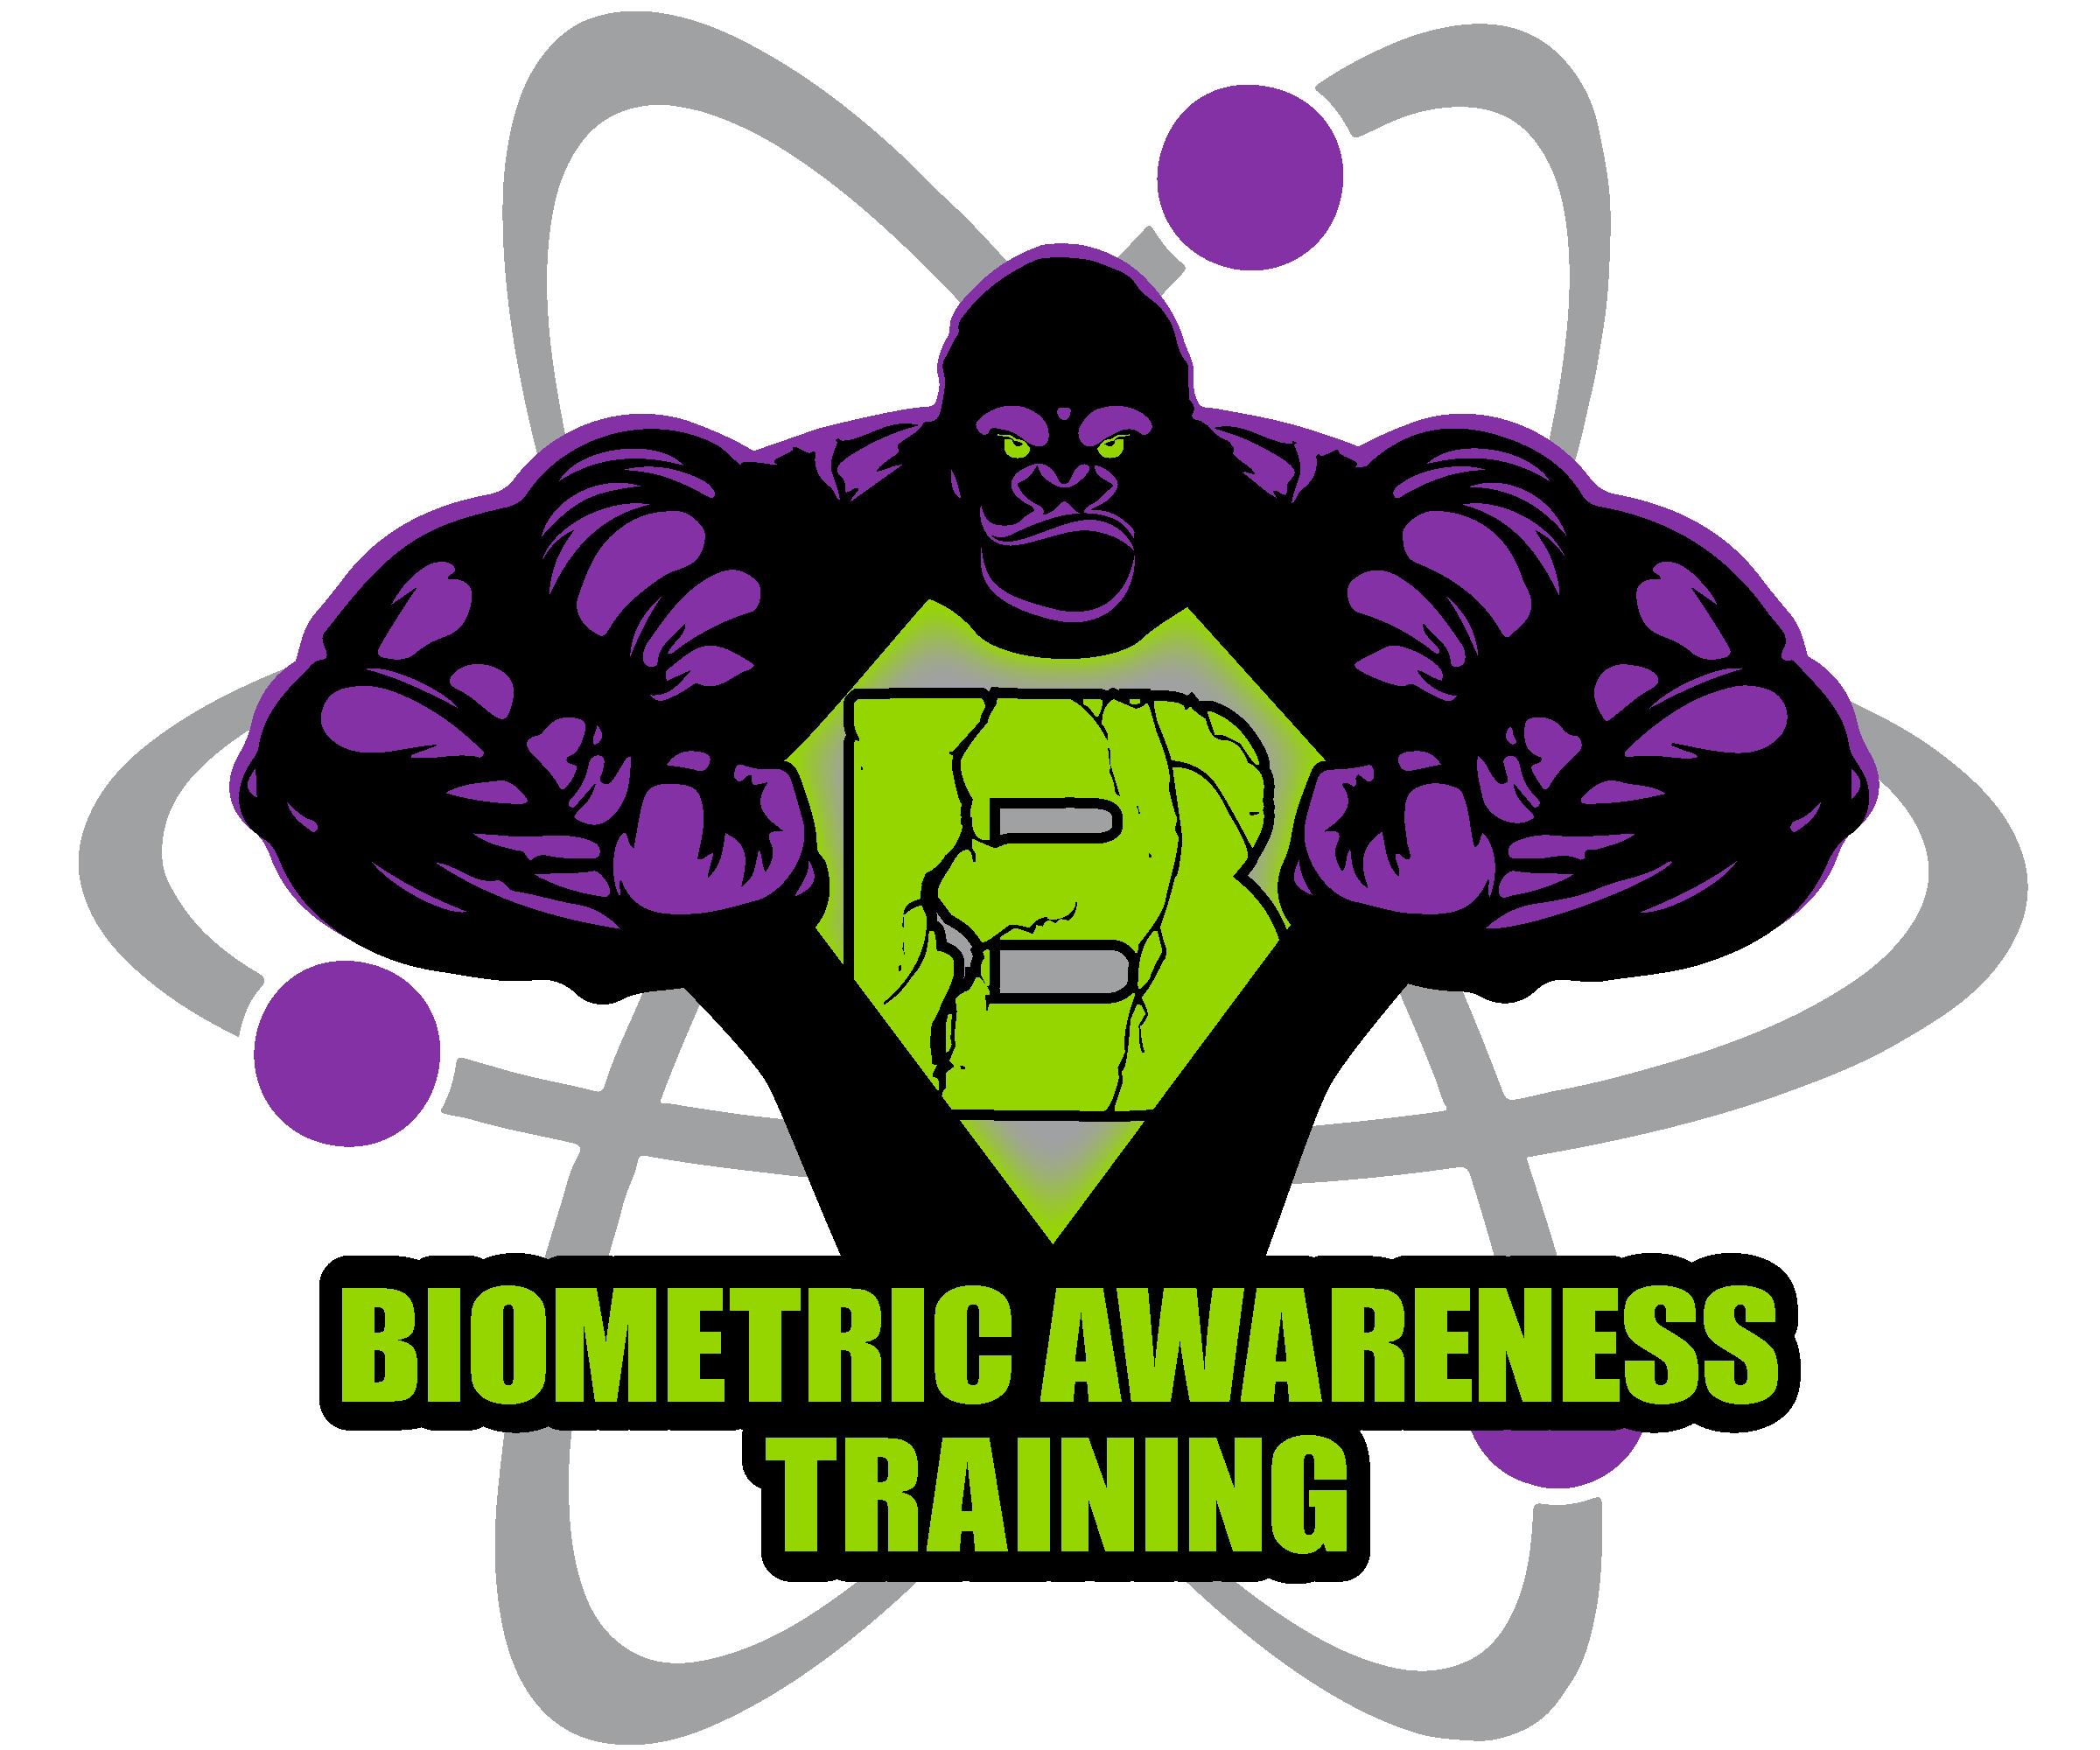 Biometric Awareness Training